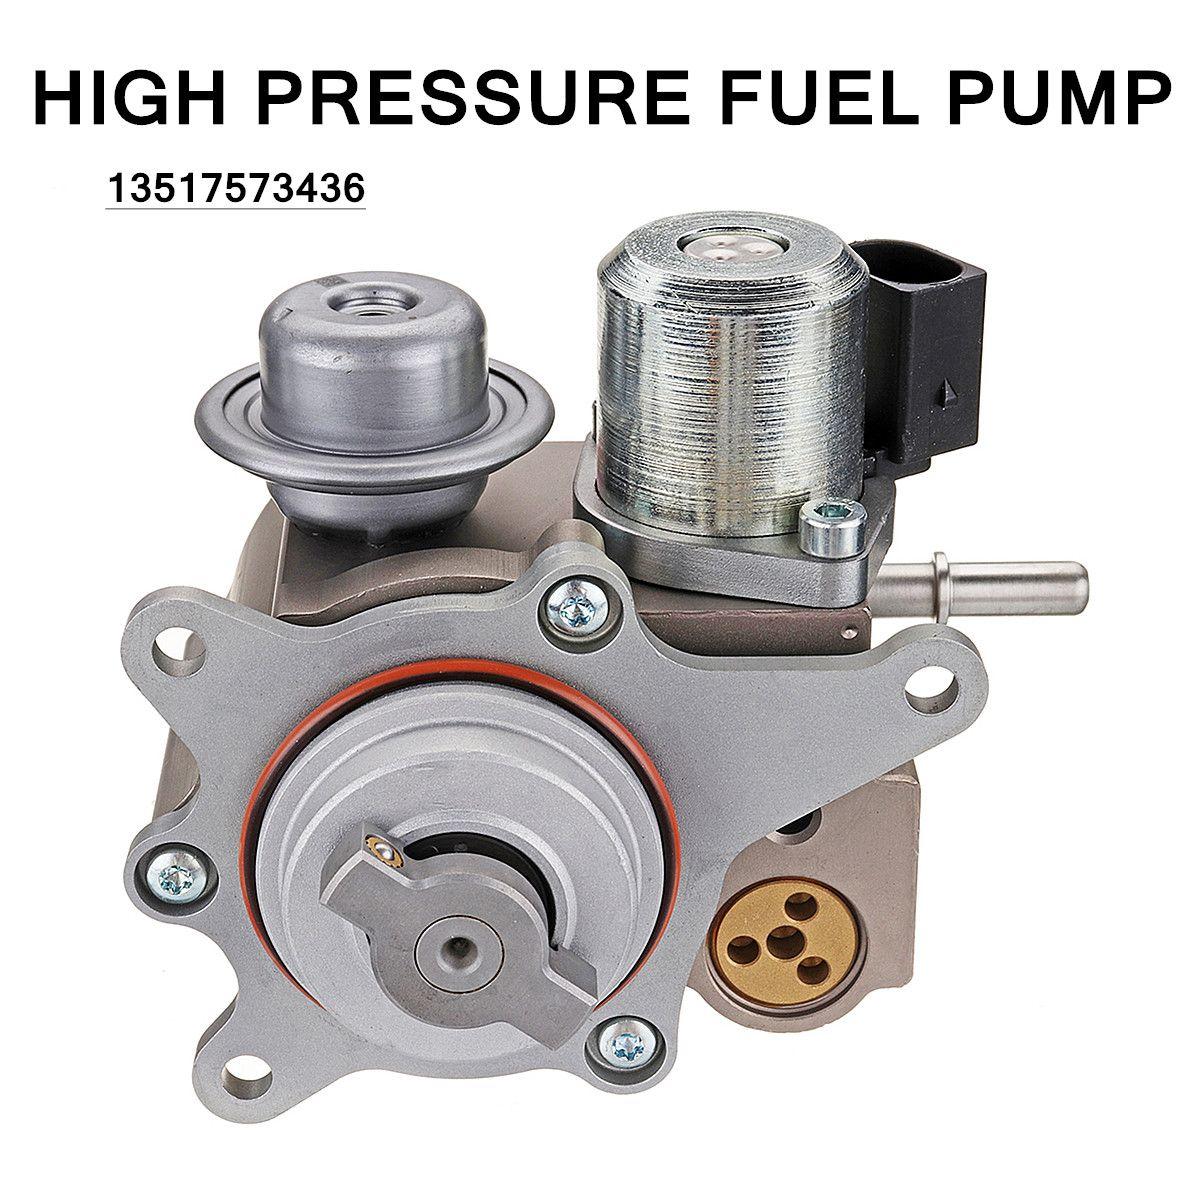 High Pressure Fuel Pump 13517573436 For BMW Mini-Cooper S Turbocharged R55 R56 R57 R58 R59 6V-16V -40-85Degree 12.6x9.4x10cm